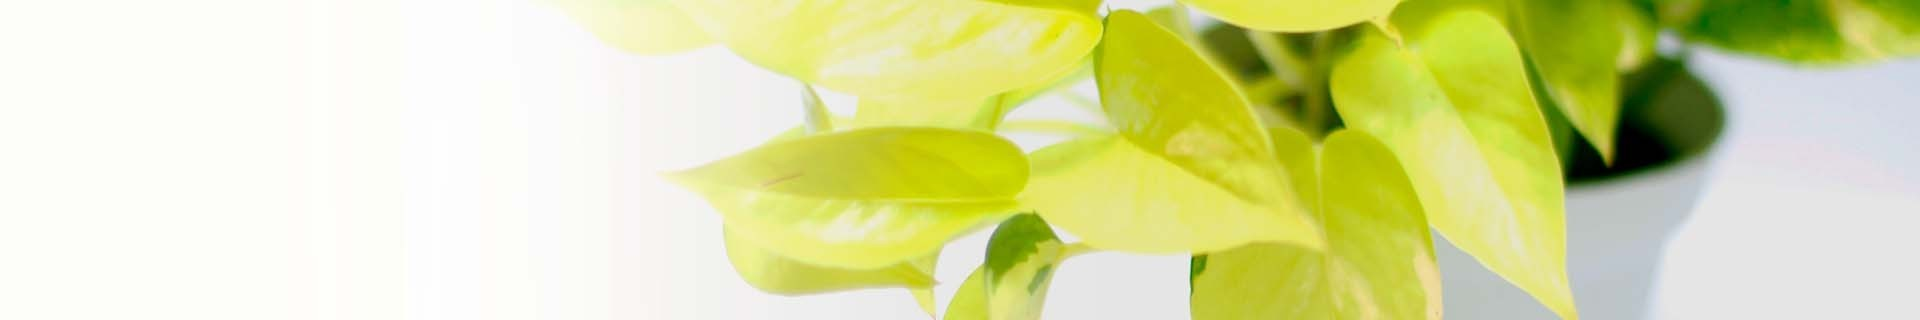 lokal angepflanzte Zimmerpflanzen | CitySens